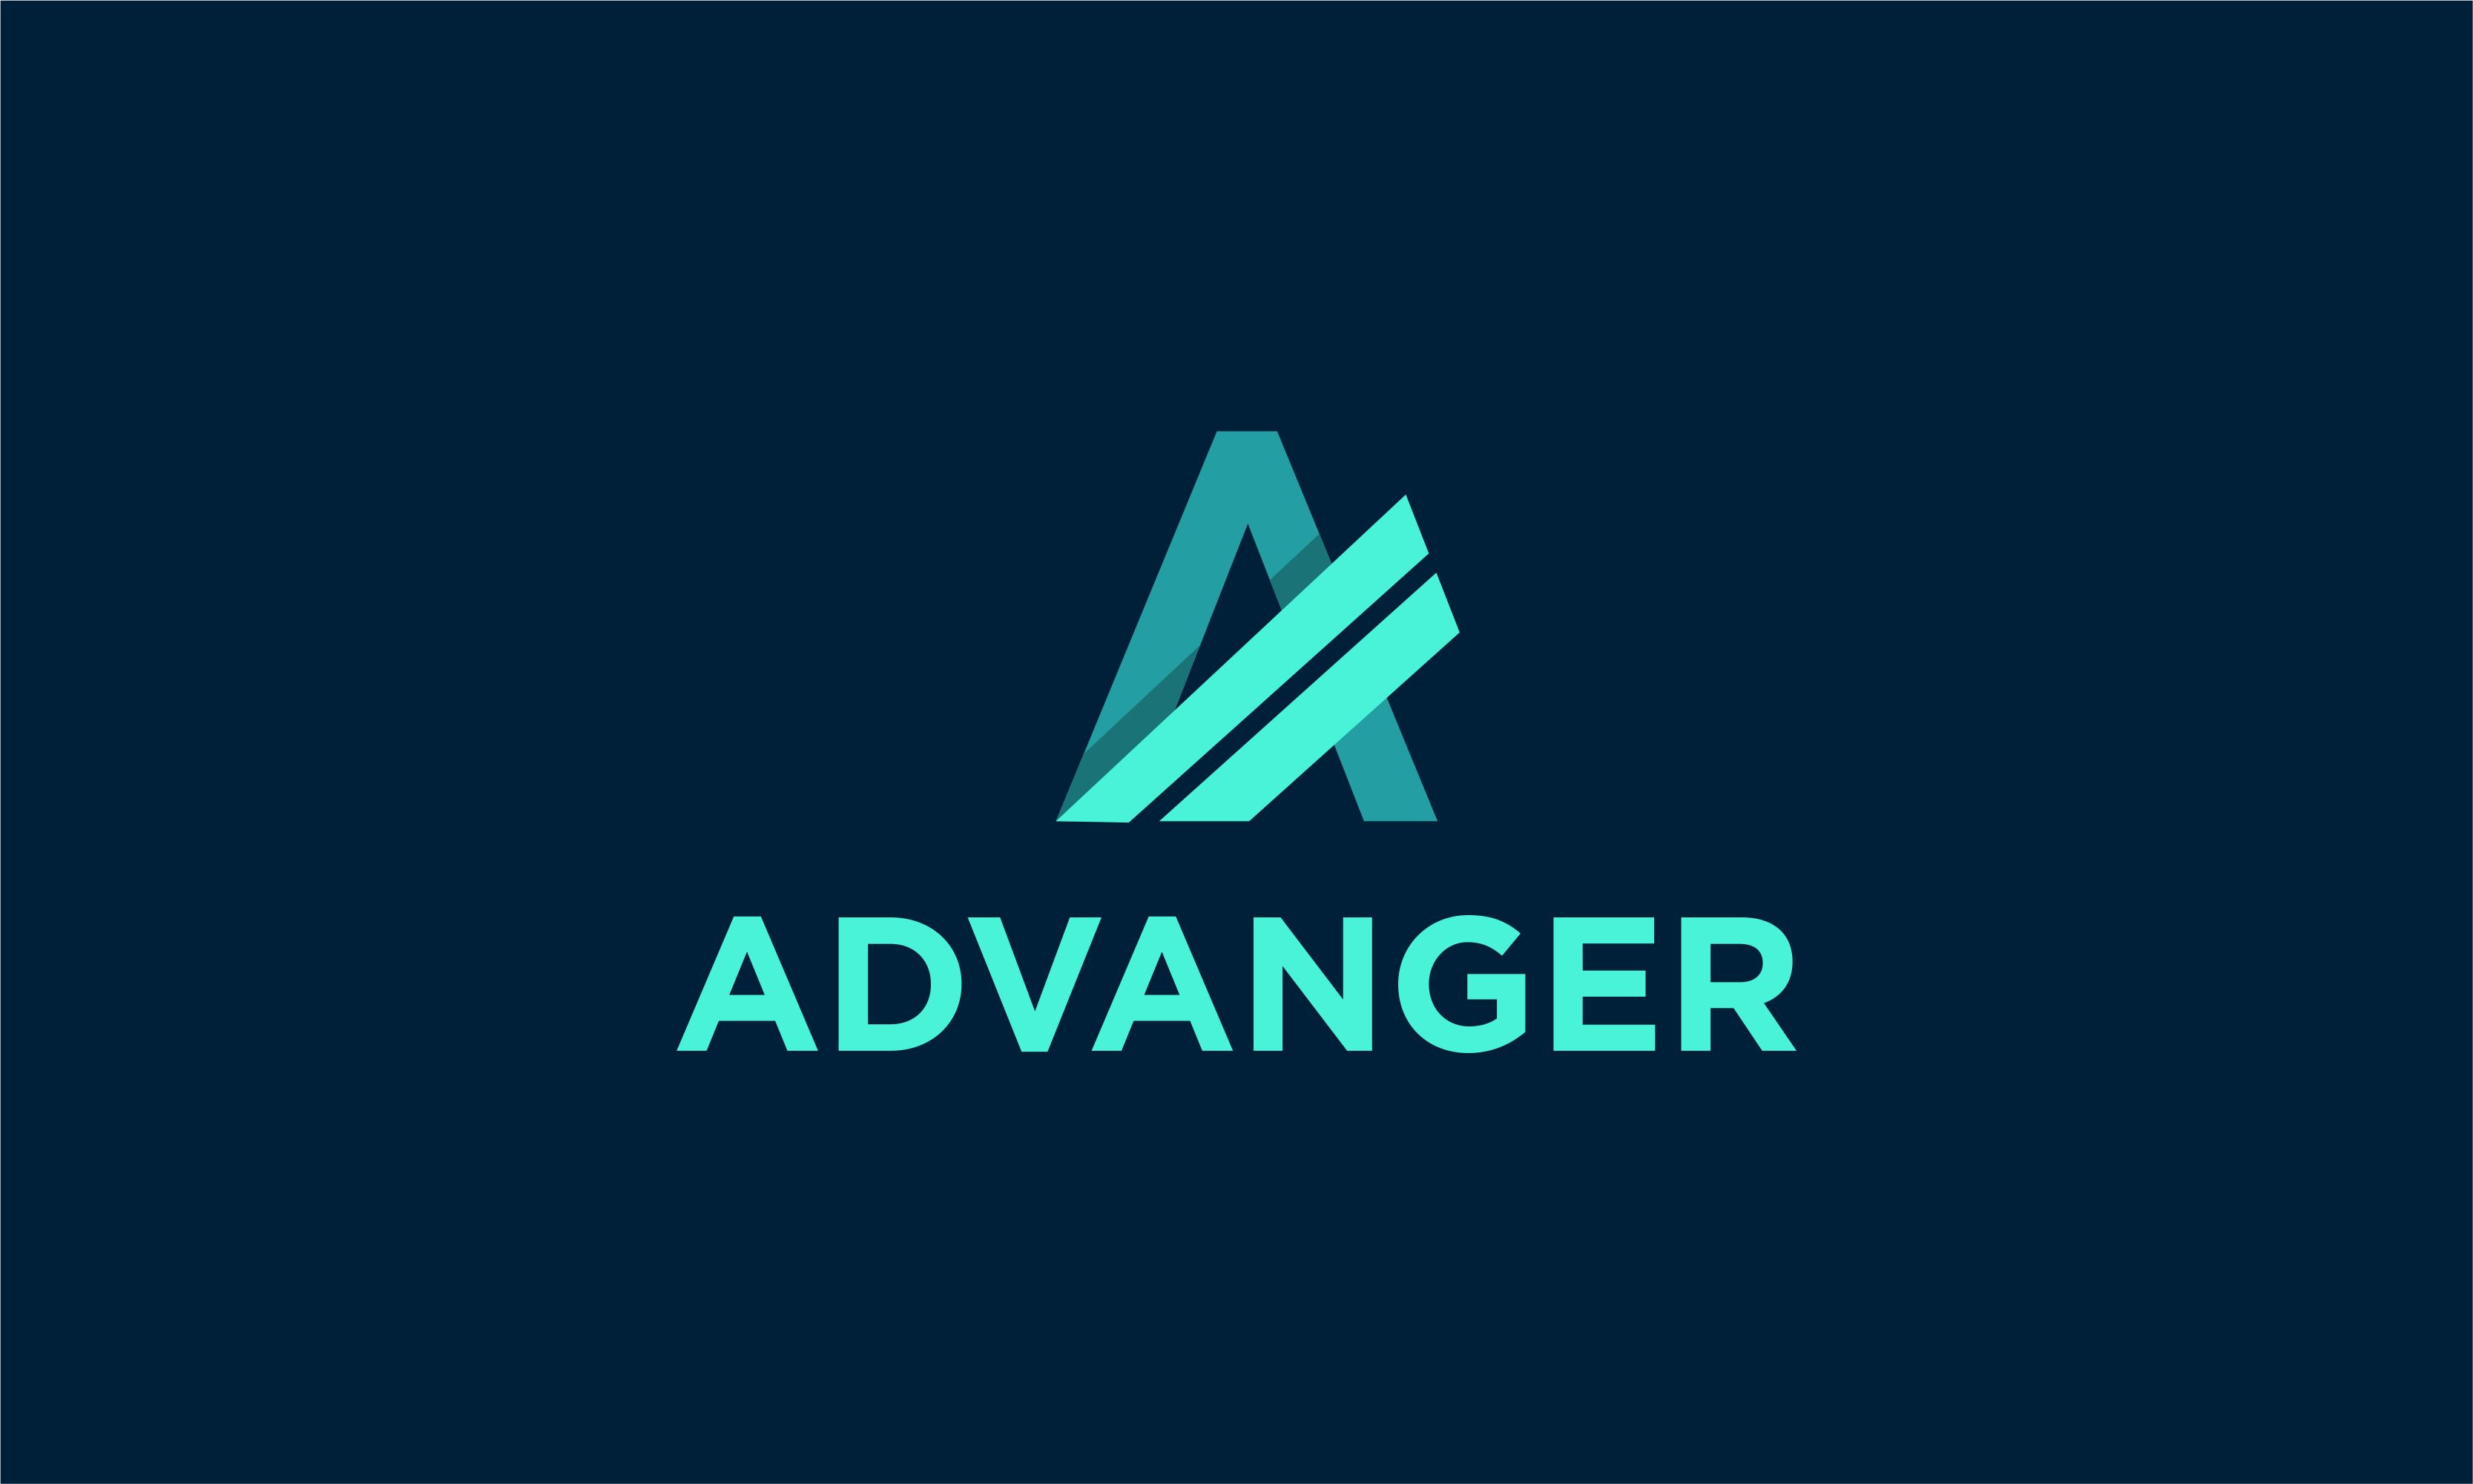 Advanger